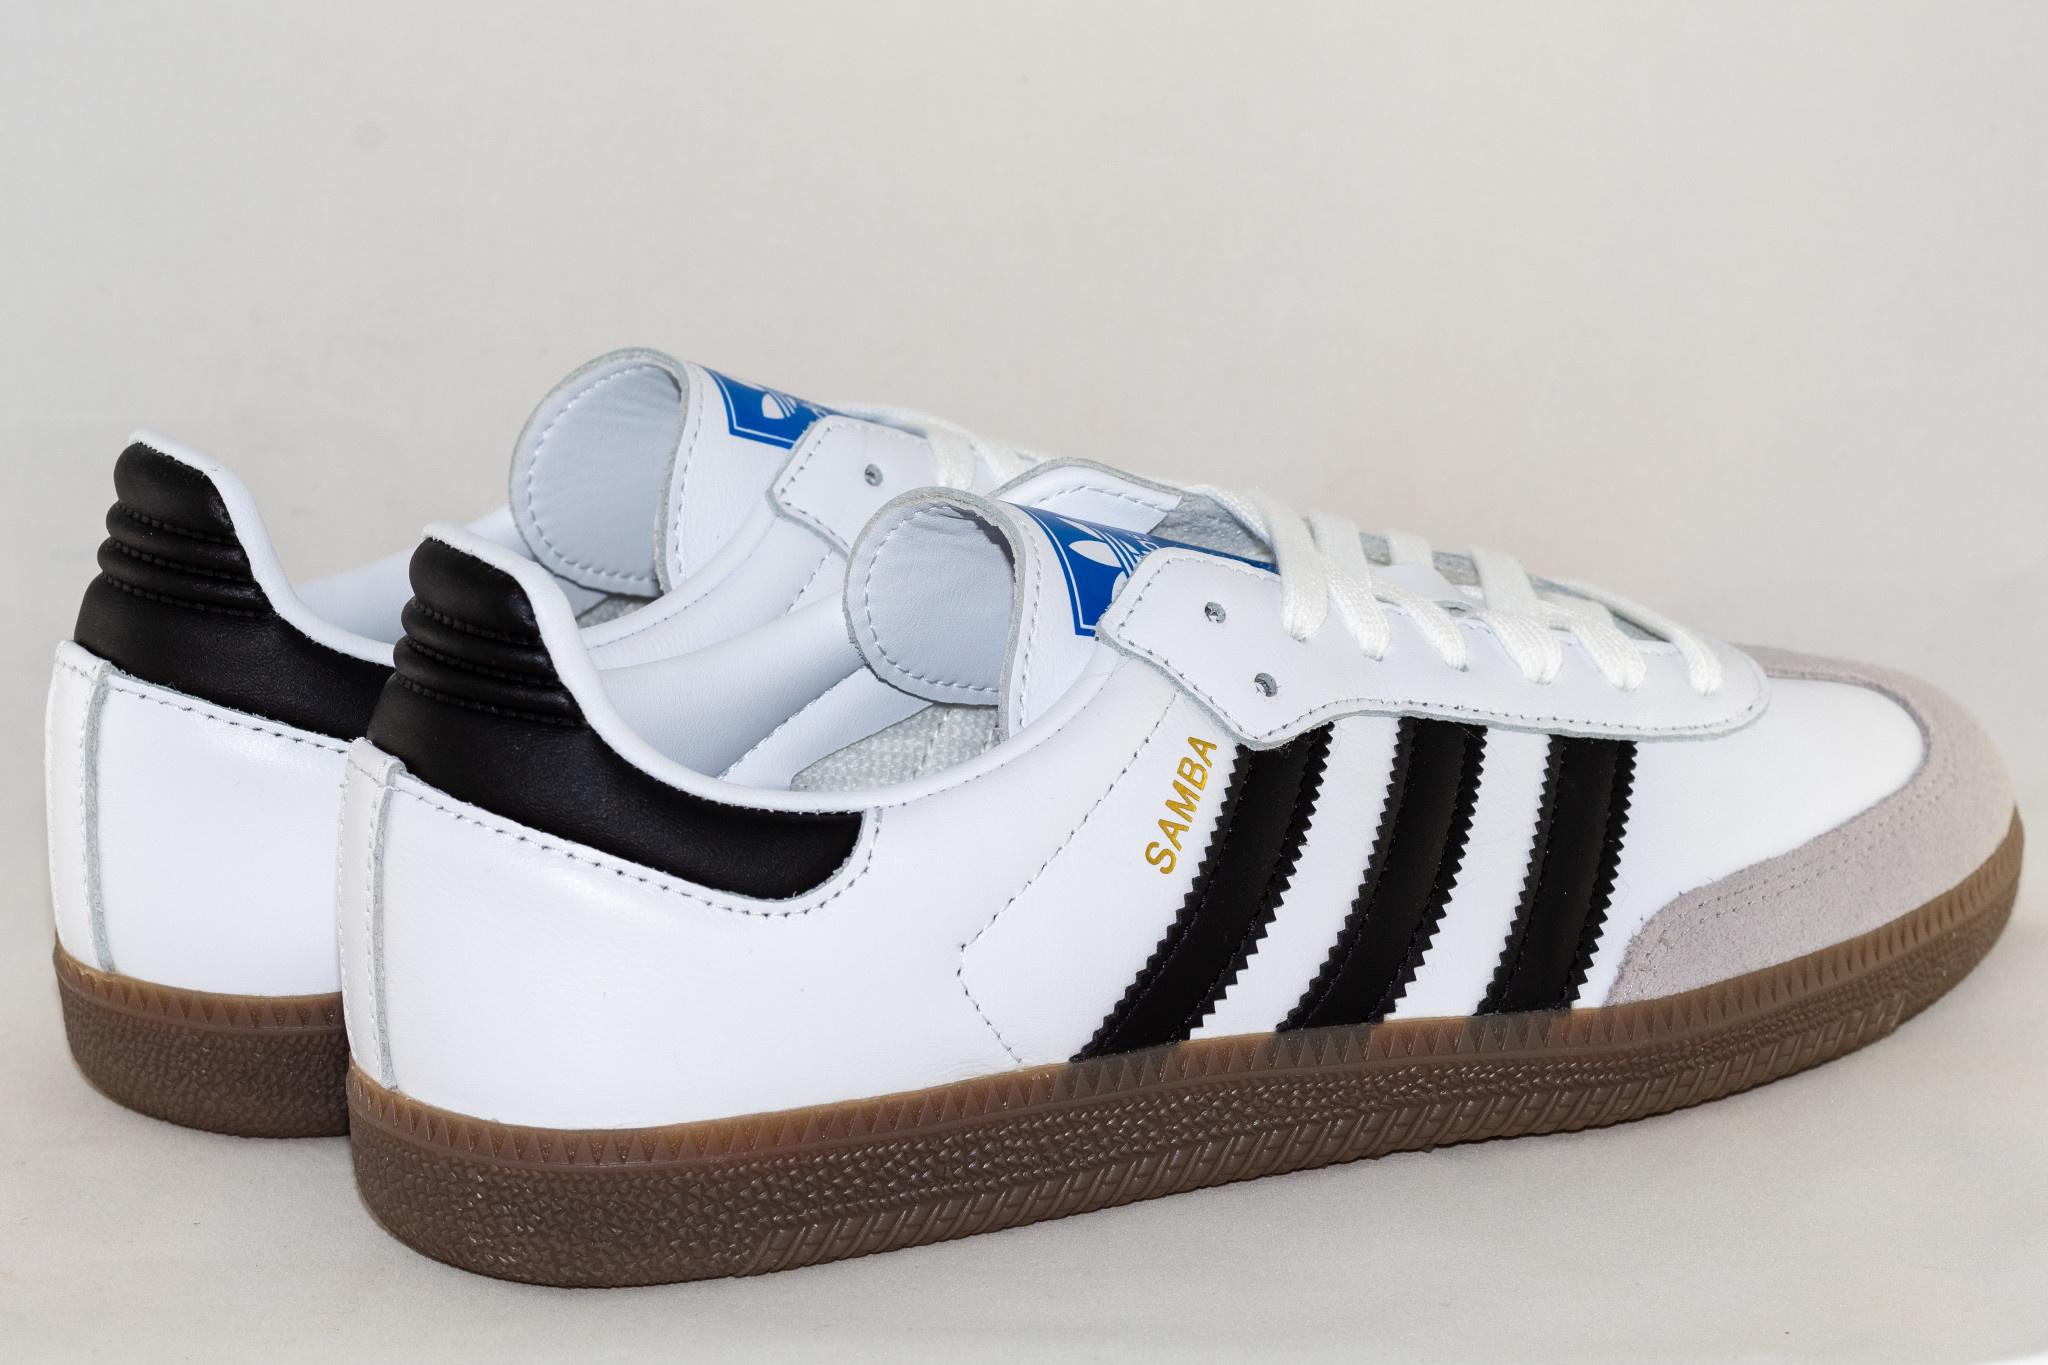 Adidas SAMBA OG Ftwwht/ Cblack/ Cgrani